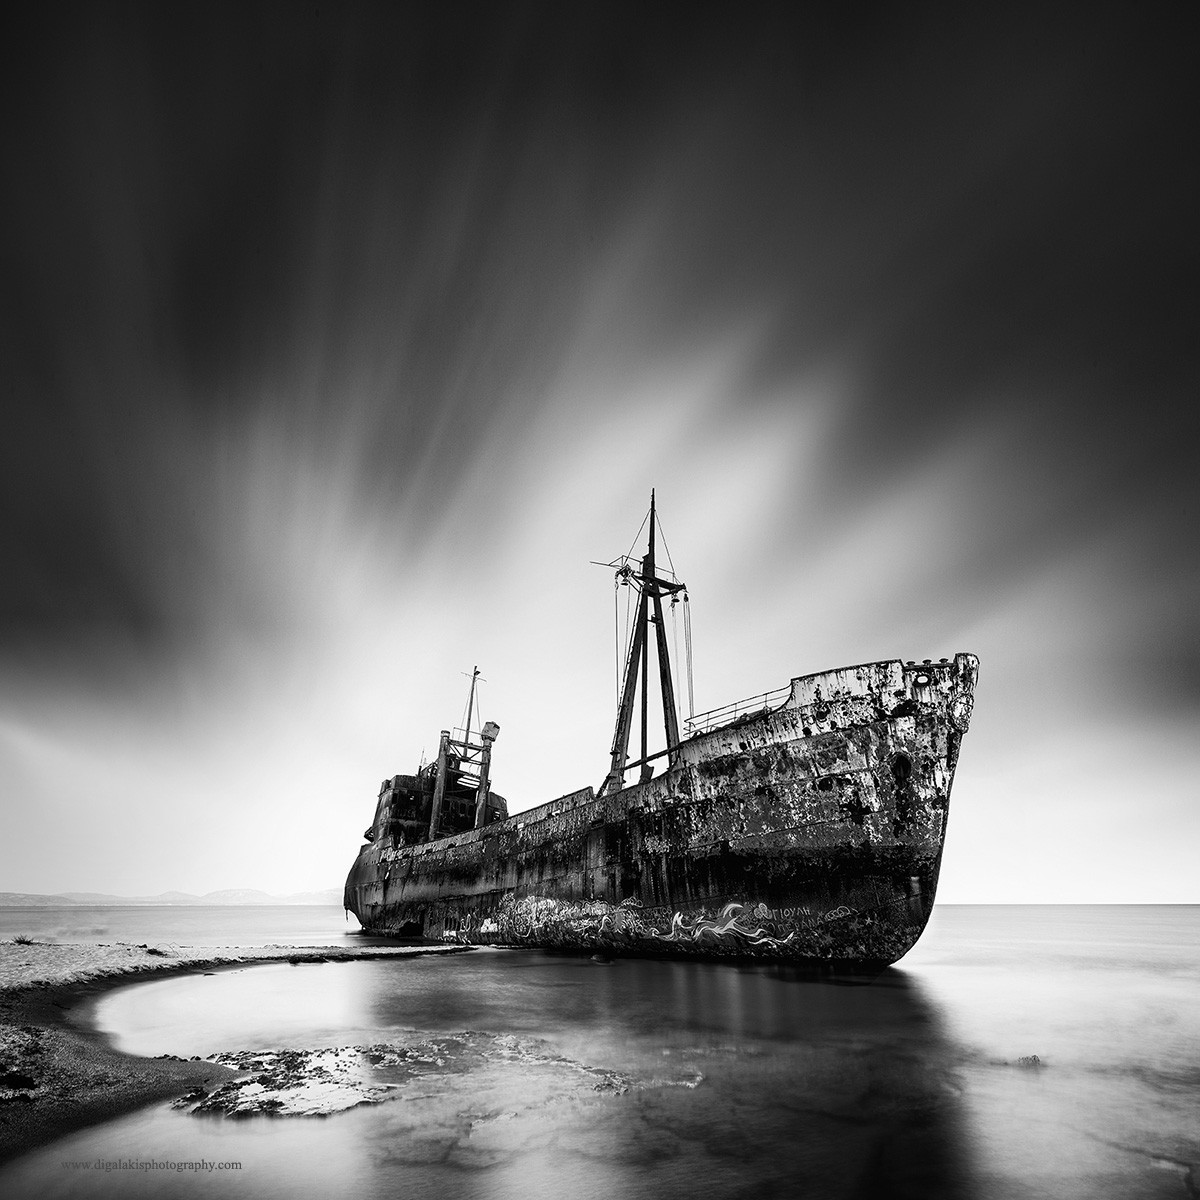 1 место в категории «Длинные выдержки», 2019. «Кораблекрушение». Автор Джордж Дигалакис